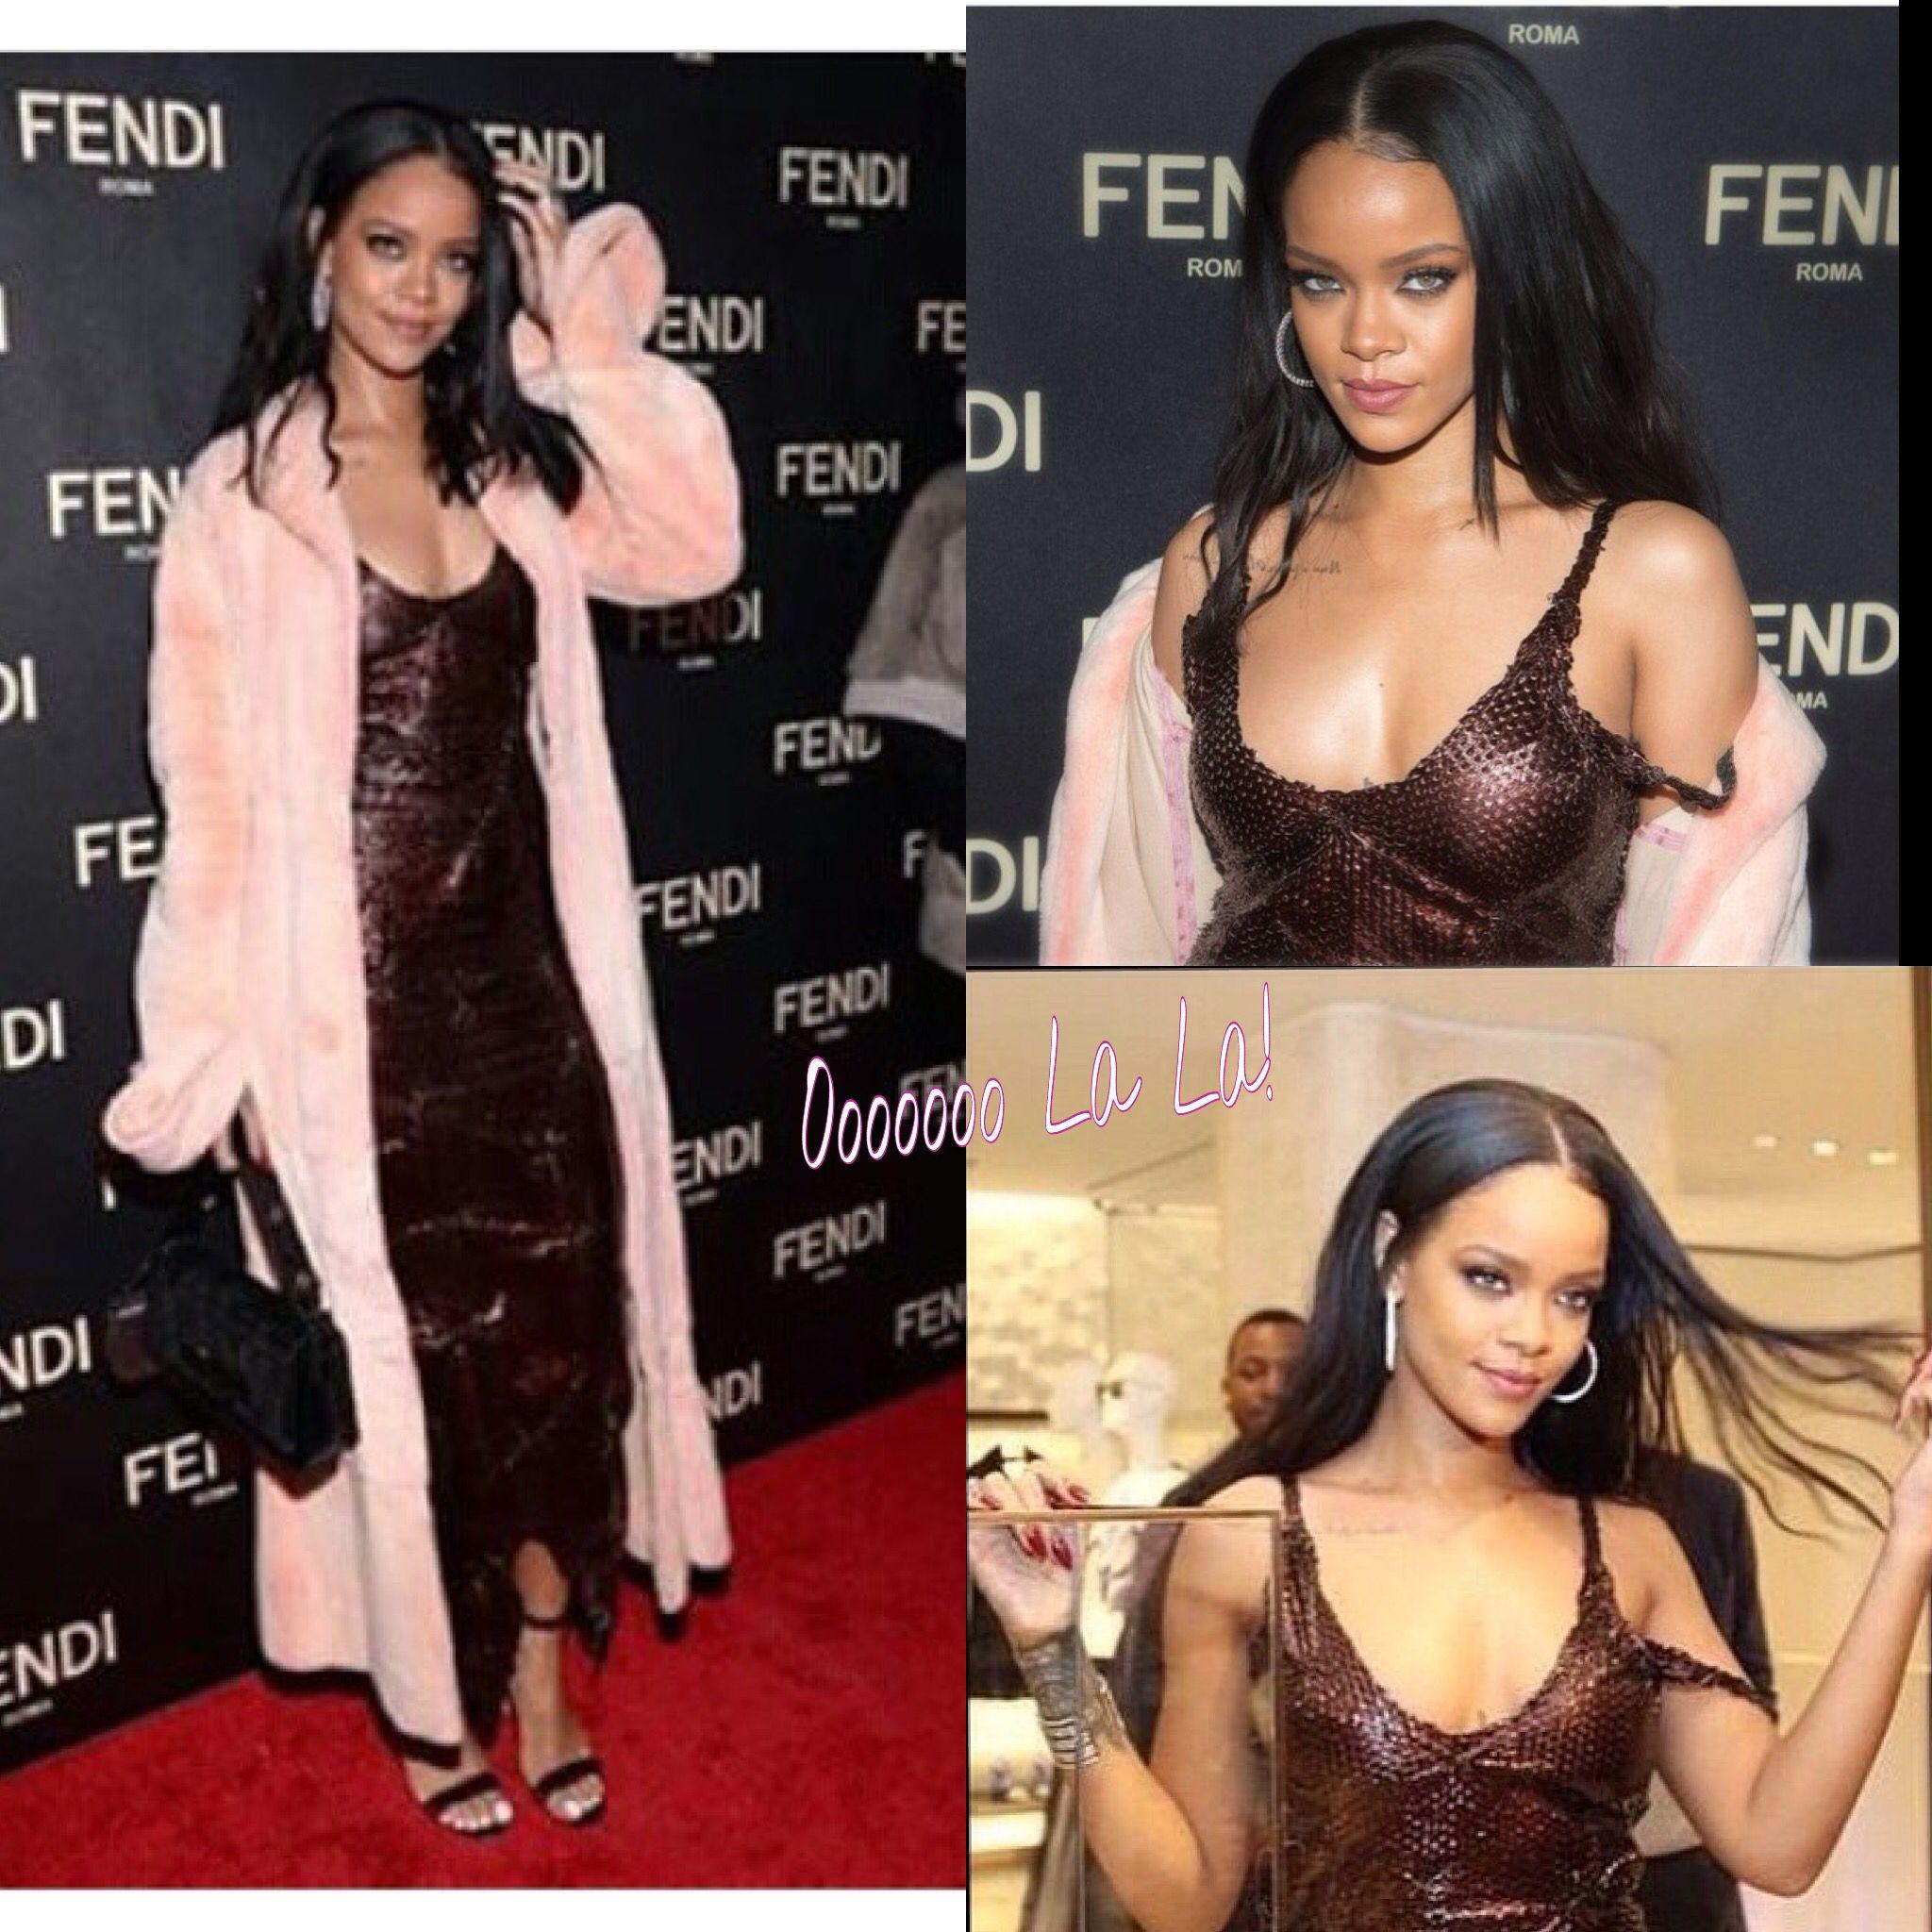 RiRi attended the Fendi New York Flagship Boutique tonight in NYC!  #OooLaLaBlog #Rihanna #Fendi #NYC #NYFW #fashion NewYorkFashionWeek #AllStarWeekend #RihannaNavy